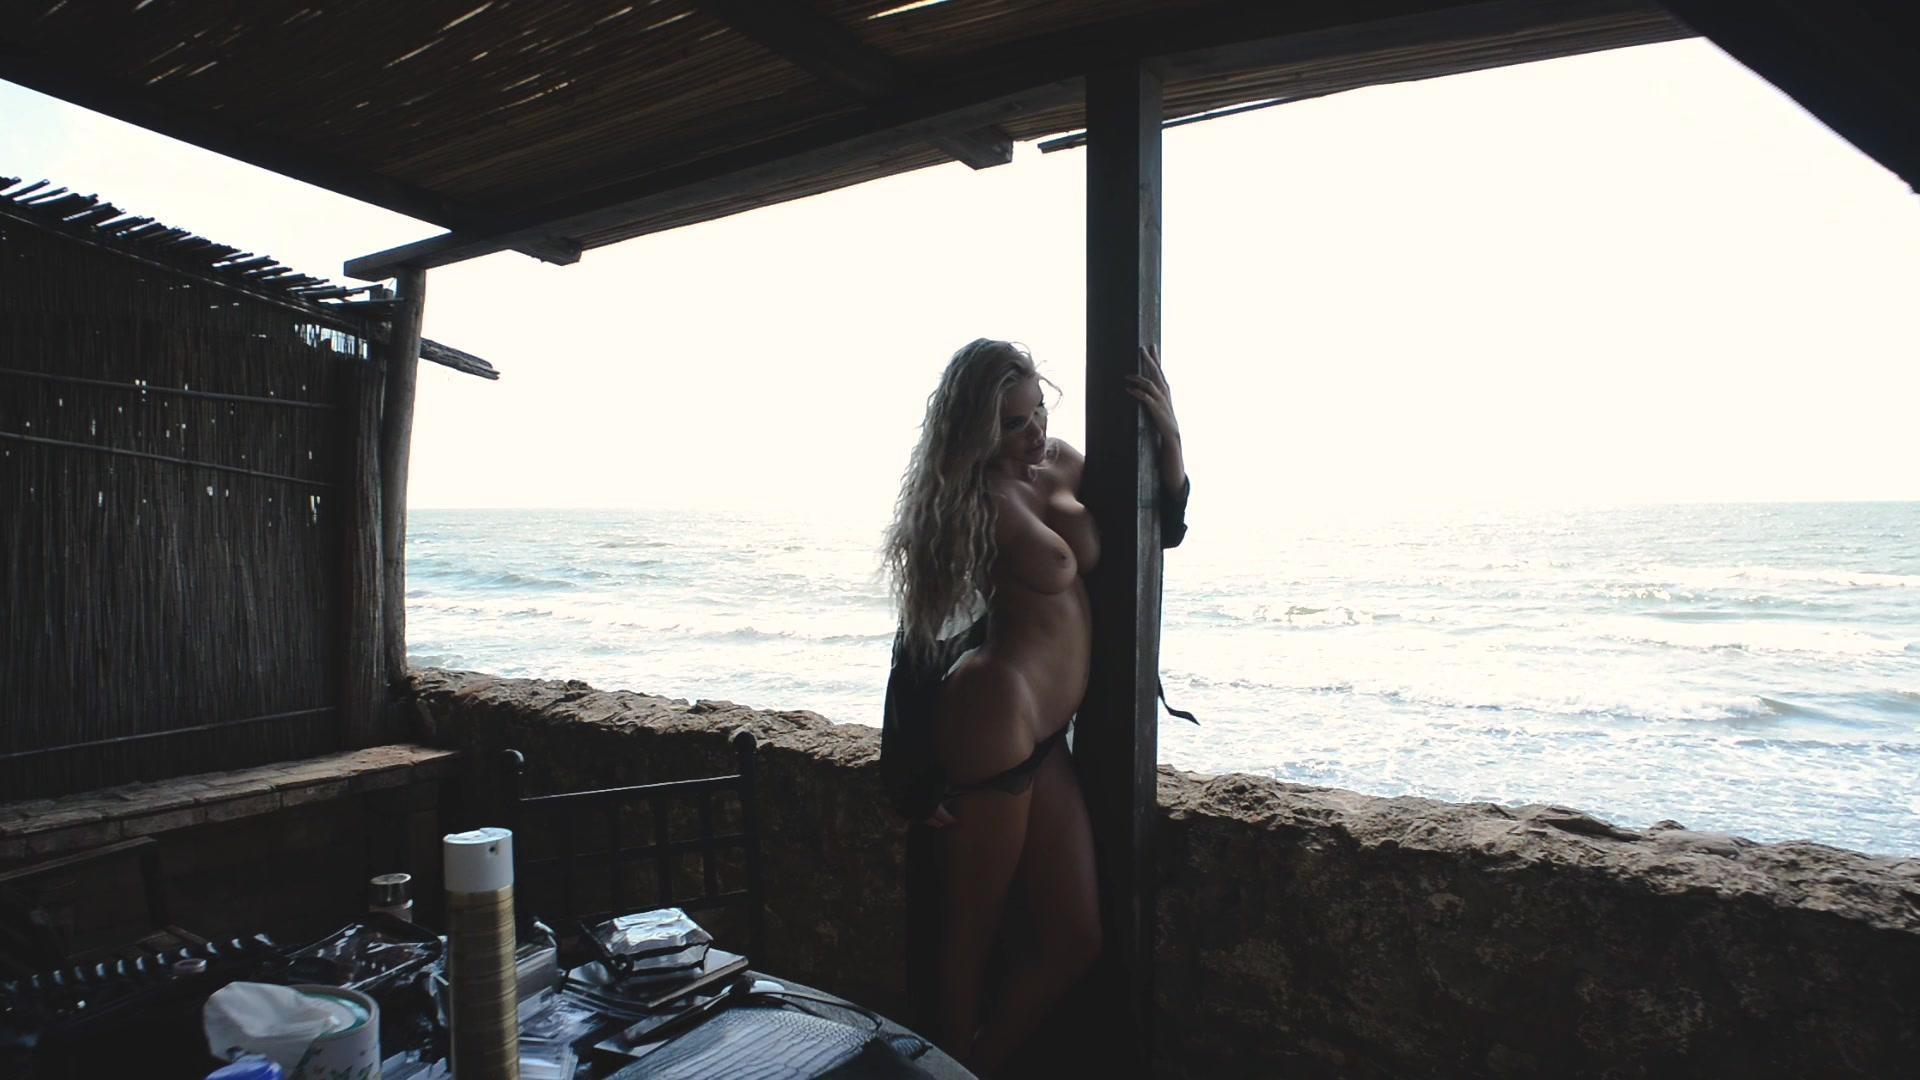 Ria Antoniou Nude Pictures, Incredible Boobs